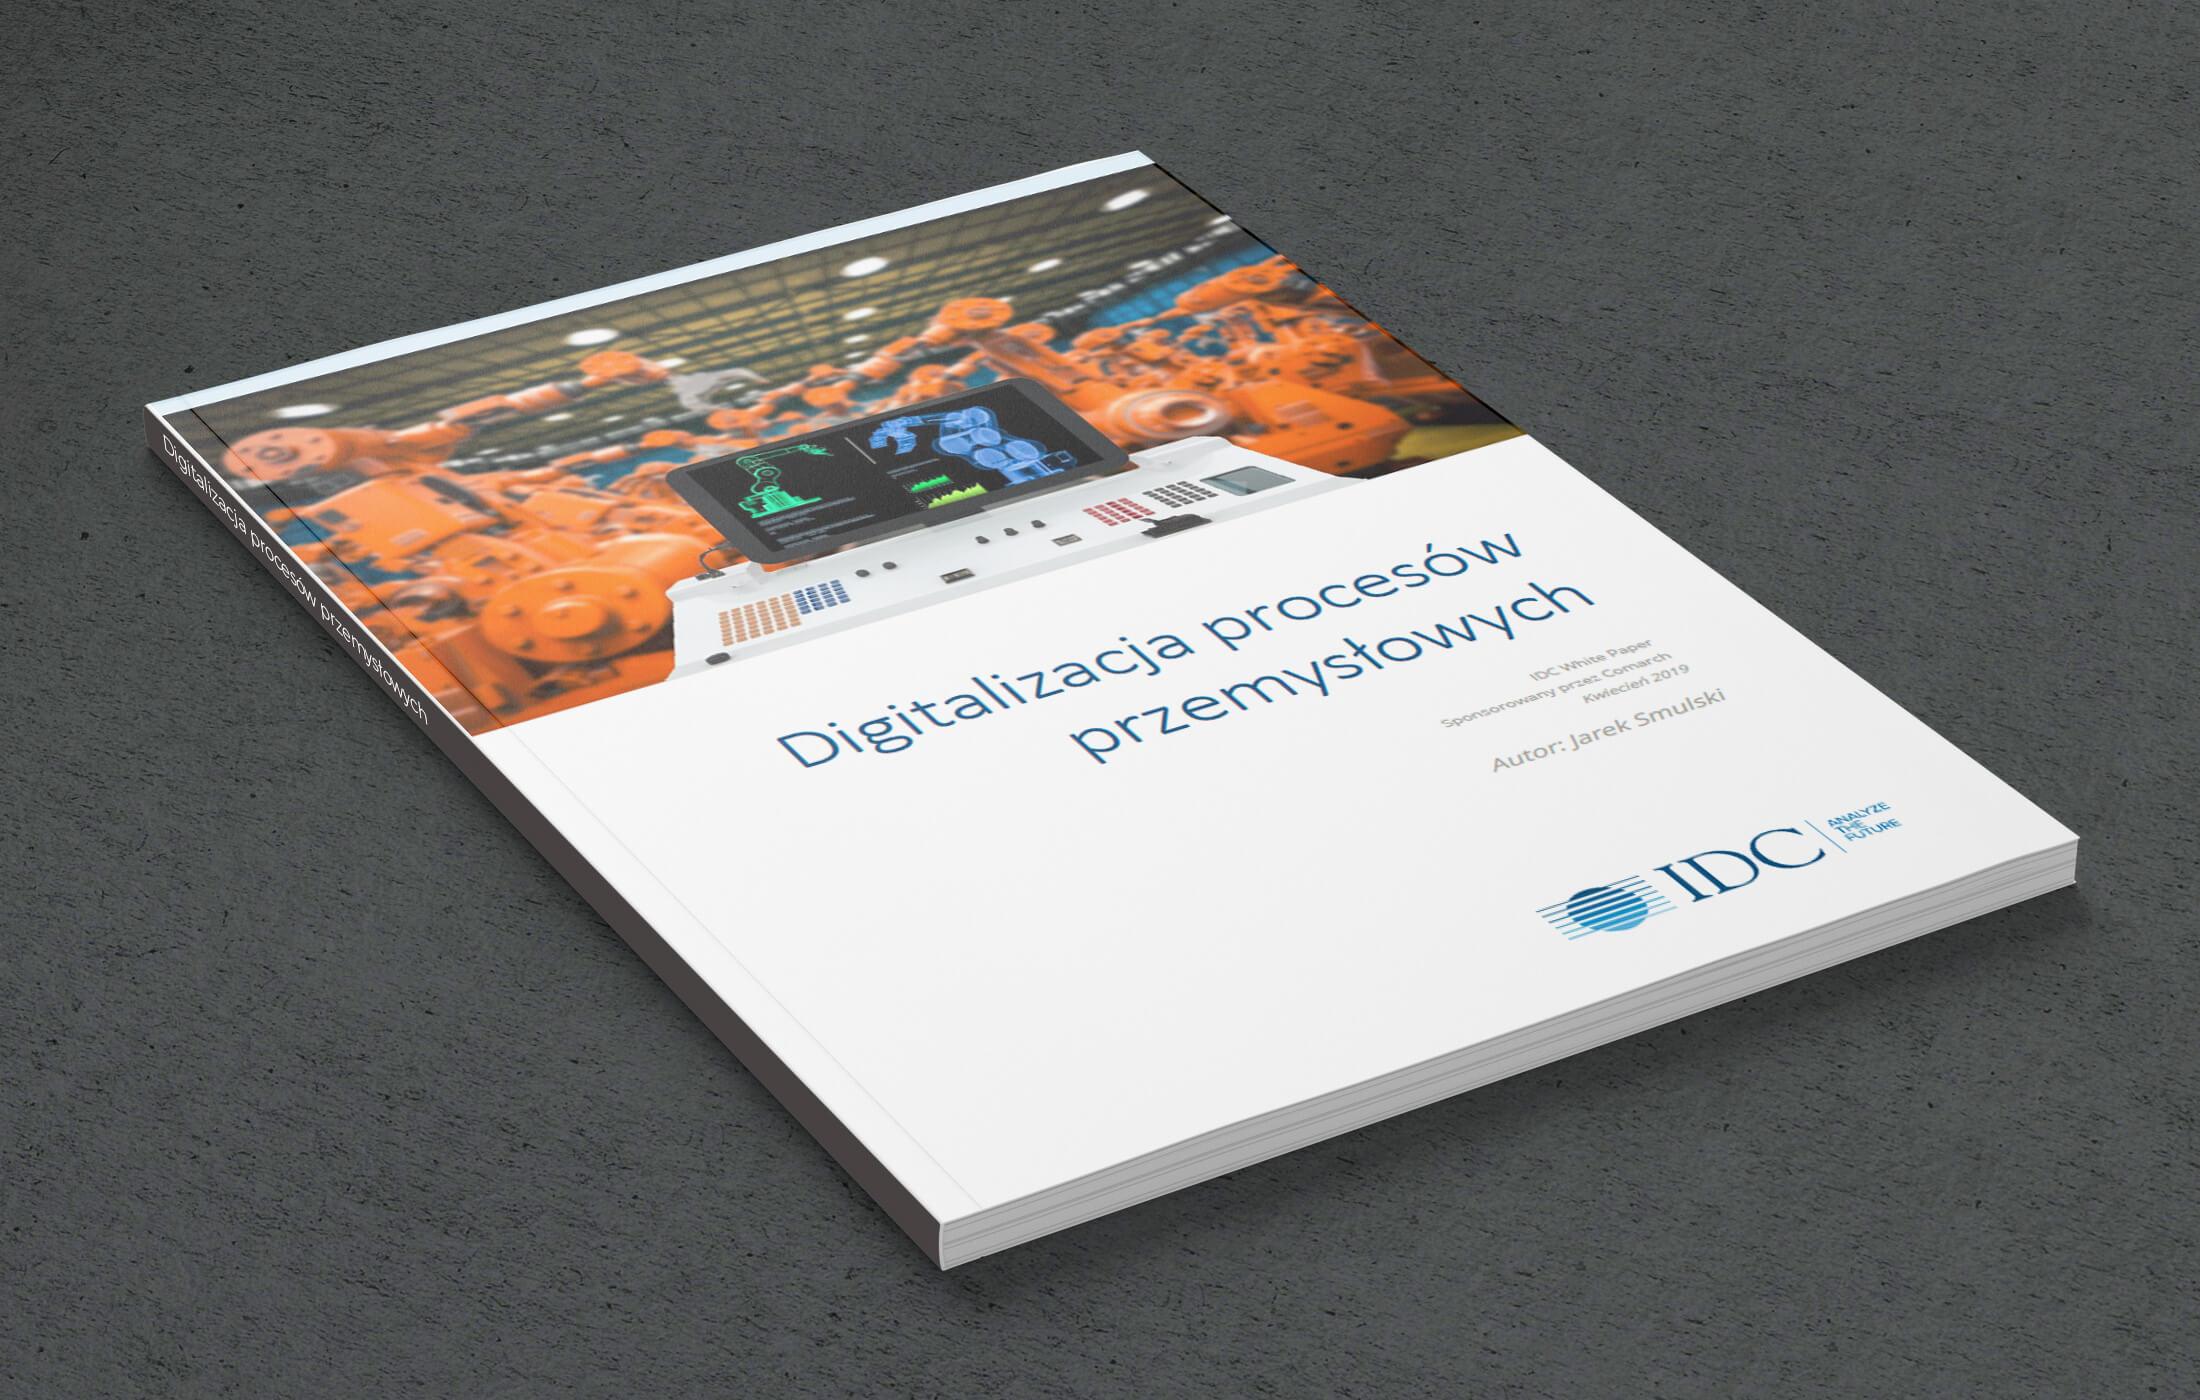 Digitalizacja procesów przemysłowych - raport